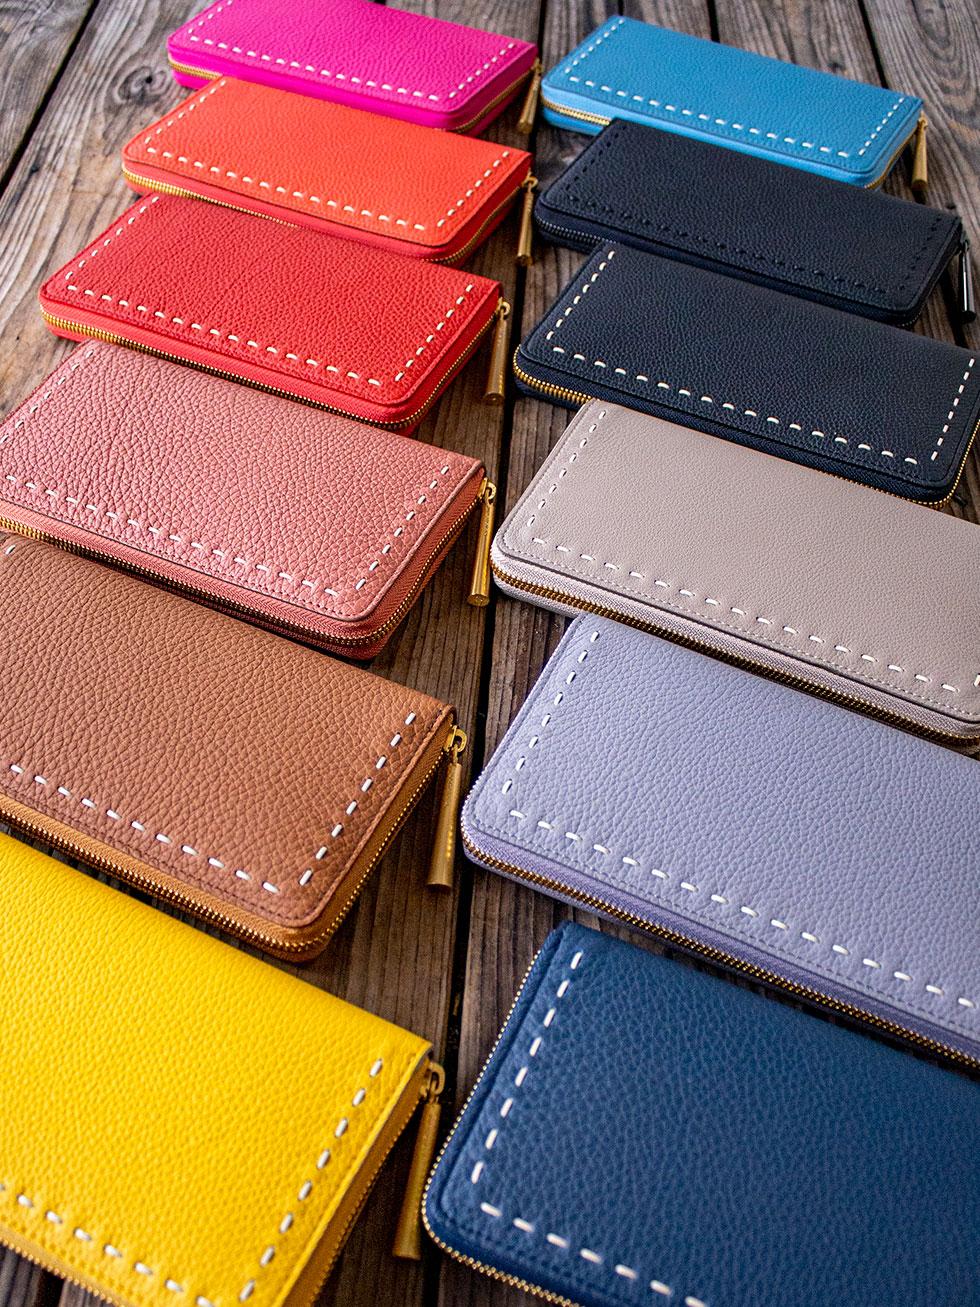 日本製「NAGATANI」最高級の本革を使ったウォレット[財布]